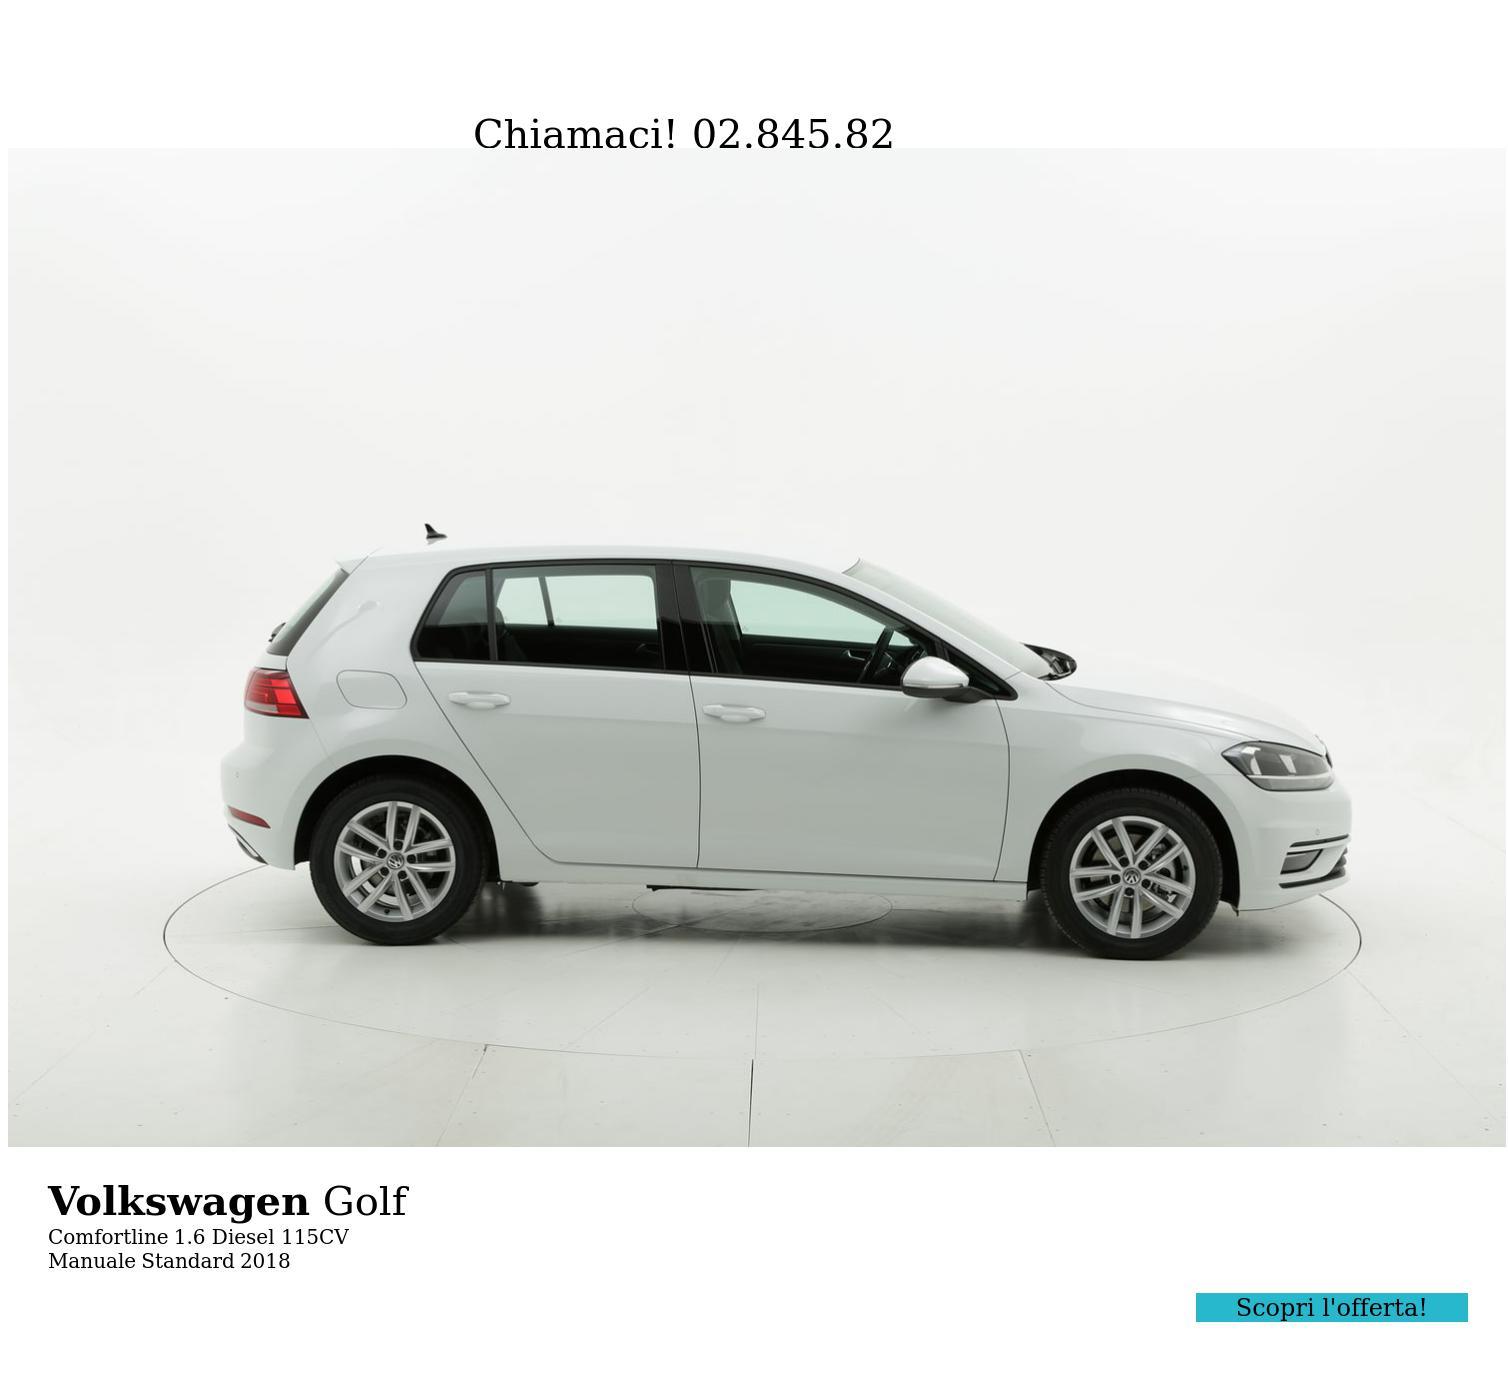 Volkswagen Golf Comfortline km 0 diesel bianca | brumbrum